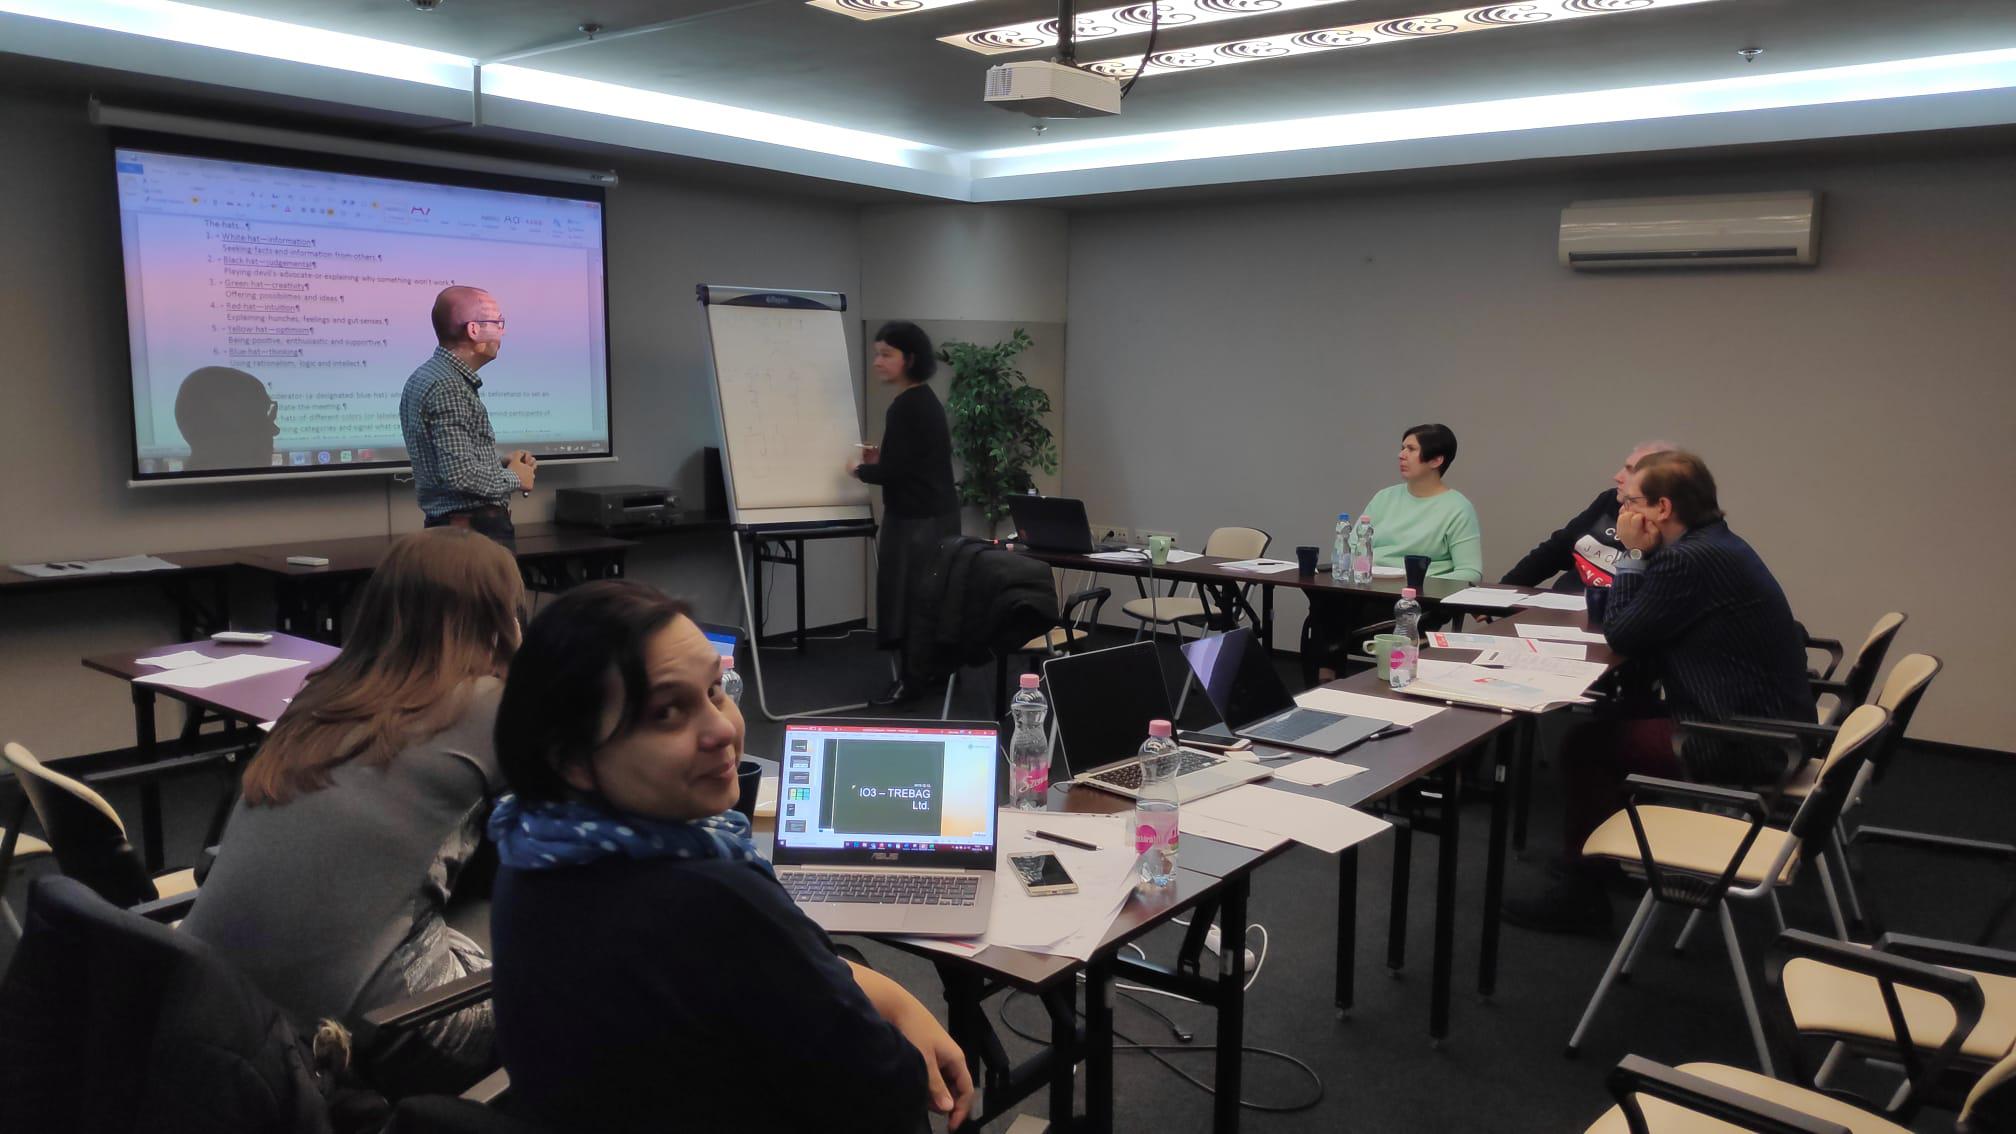 Segunda reunión del proyecto Intra-net en Budapest